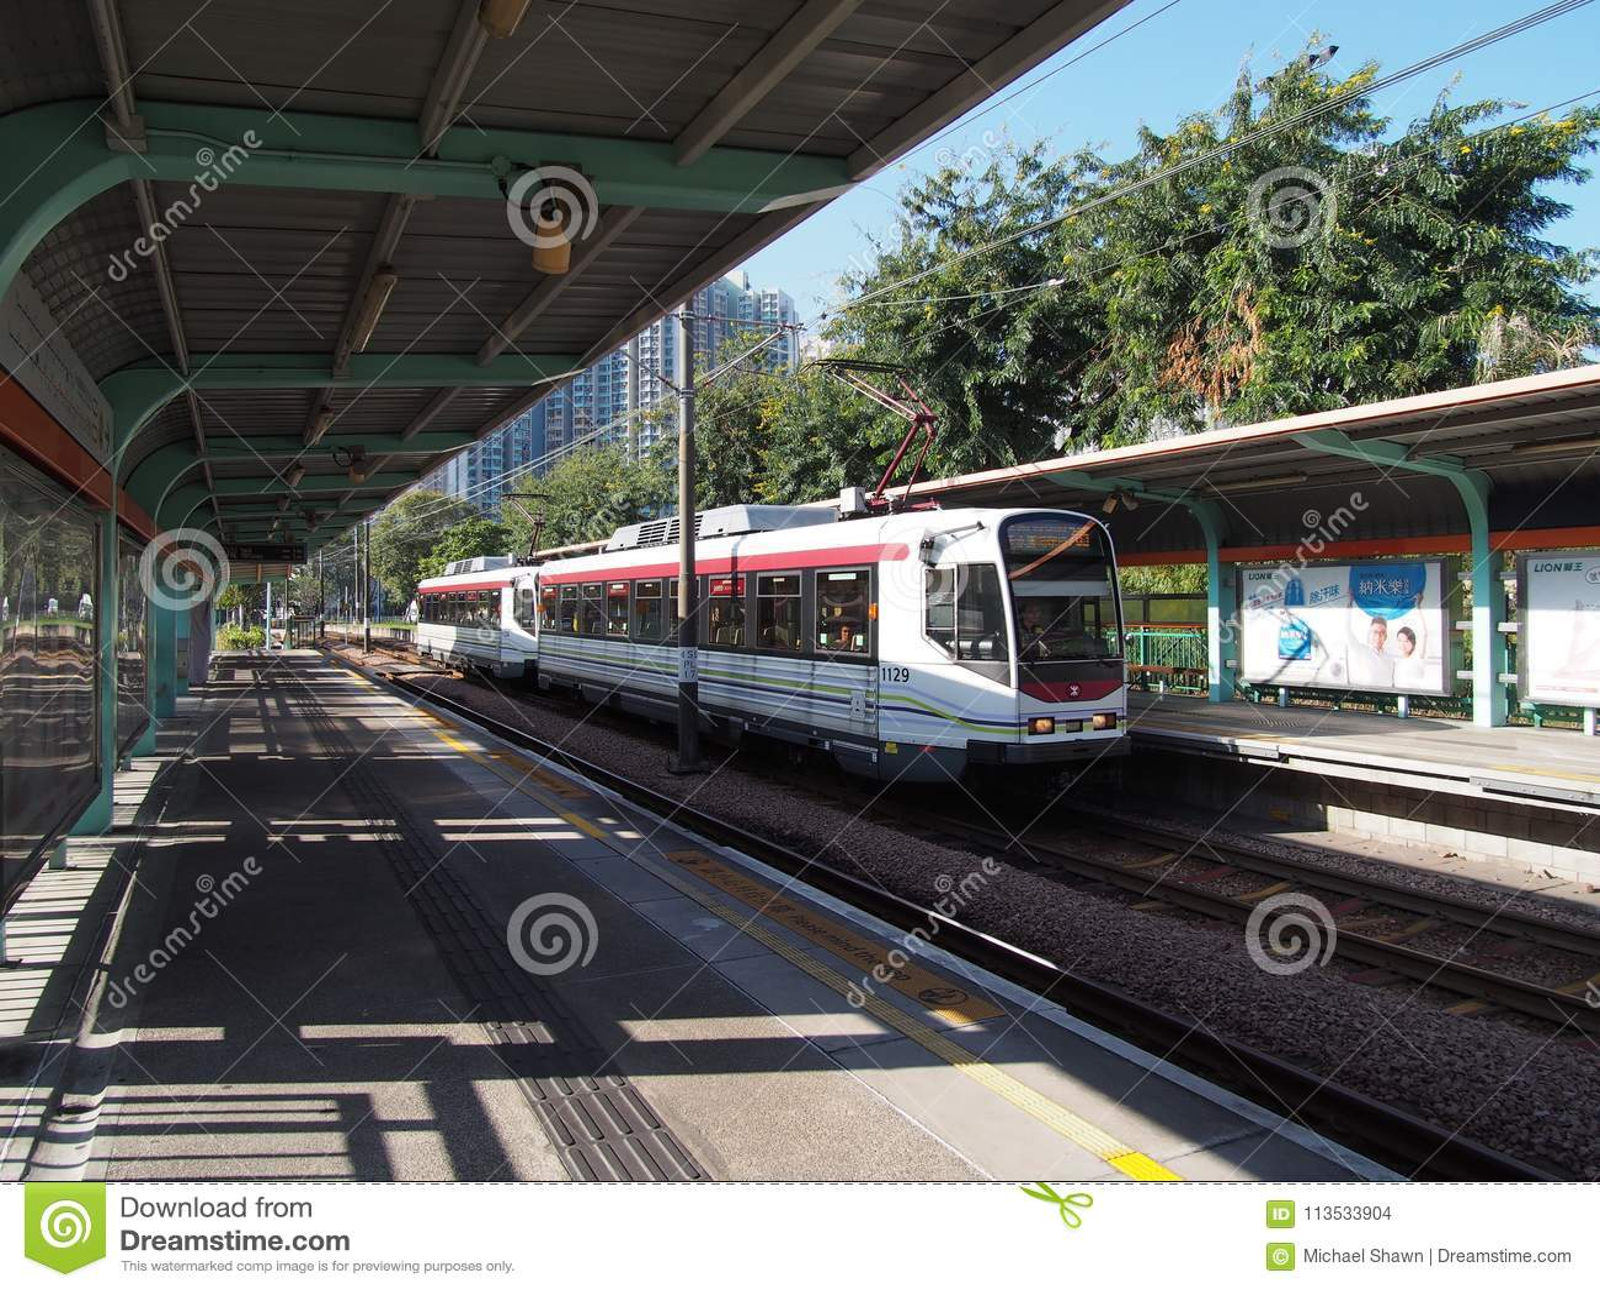 香港,中国- 2015年11月18日:LRT是地铁有限公司管理的一个轻的铁路系统,服务的屯门,元朗并且装罐嘘